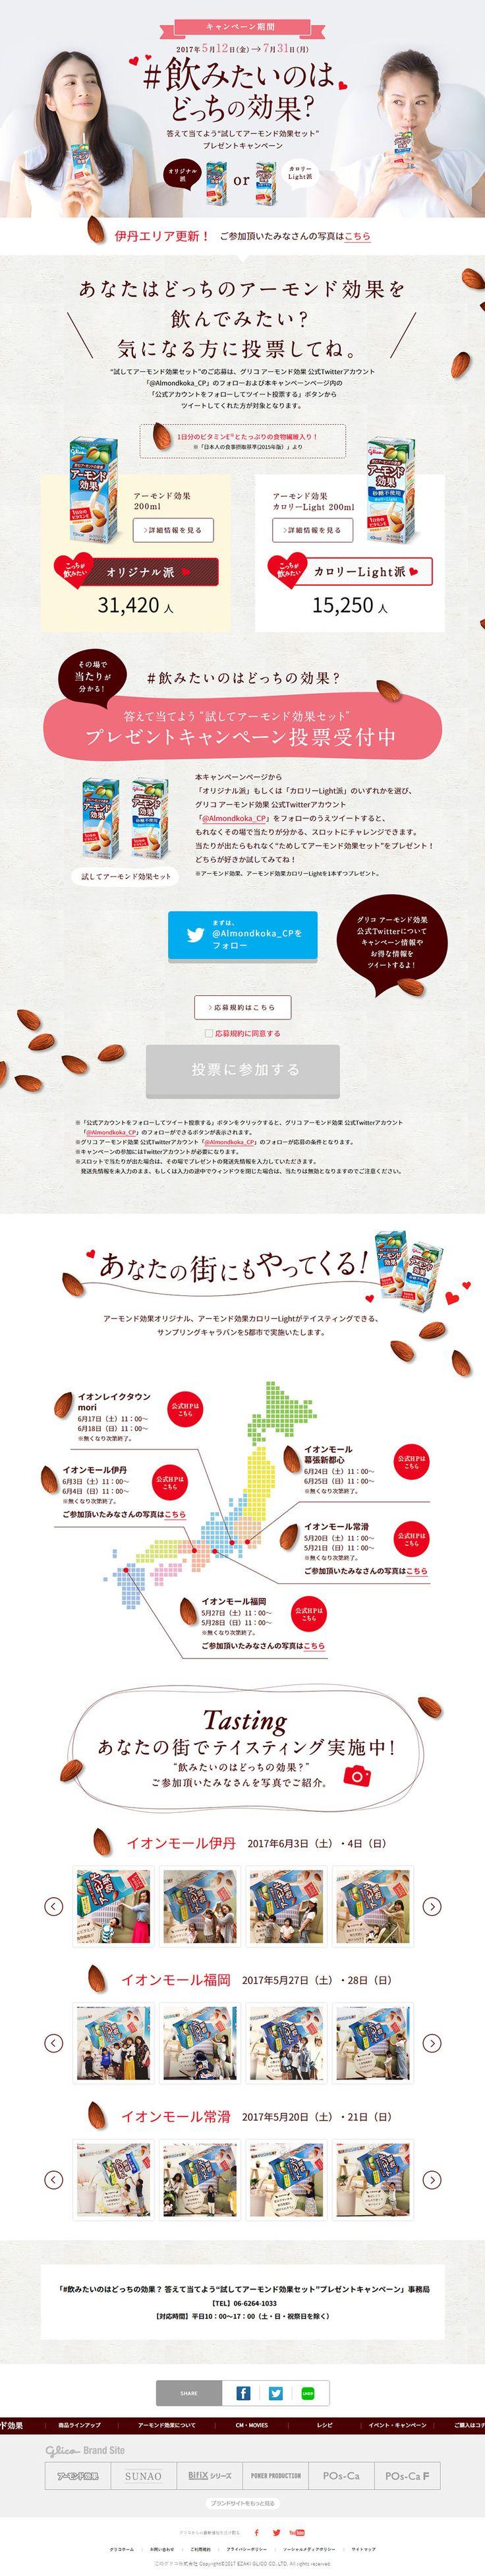 アーモンド効果 プレゼントキャンペーン|WEBデザイナーさん必見!ランディングページのデザイン参考に(かわいい系)